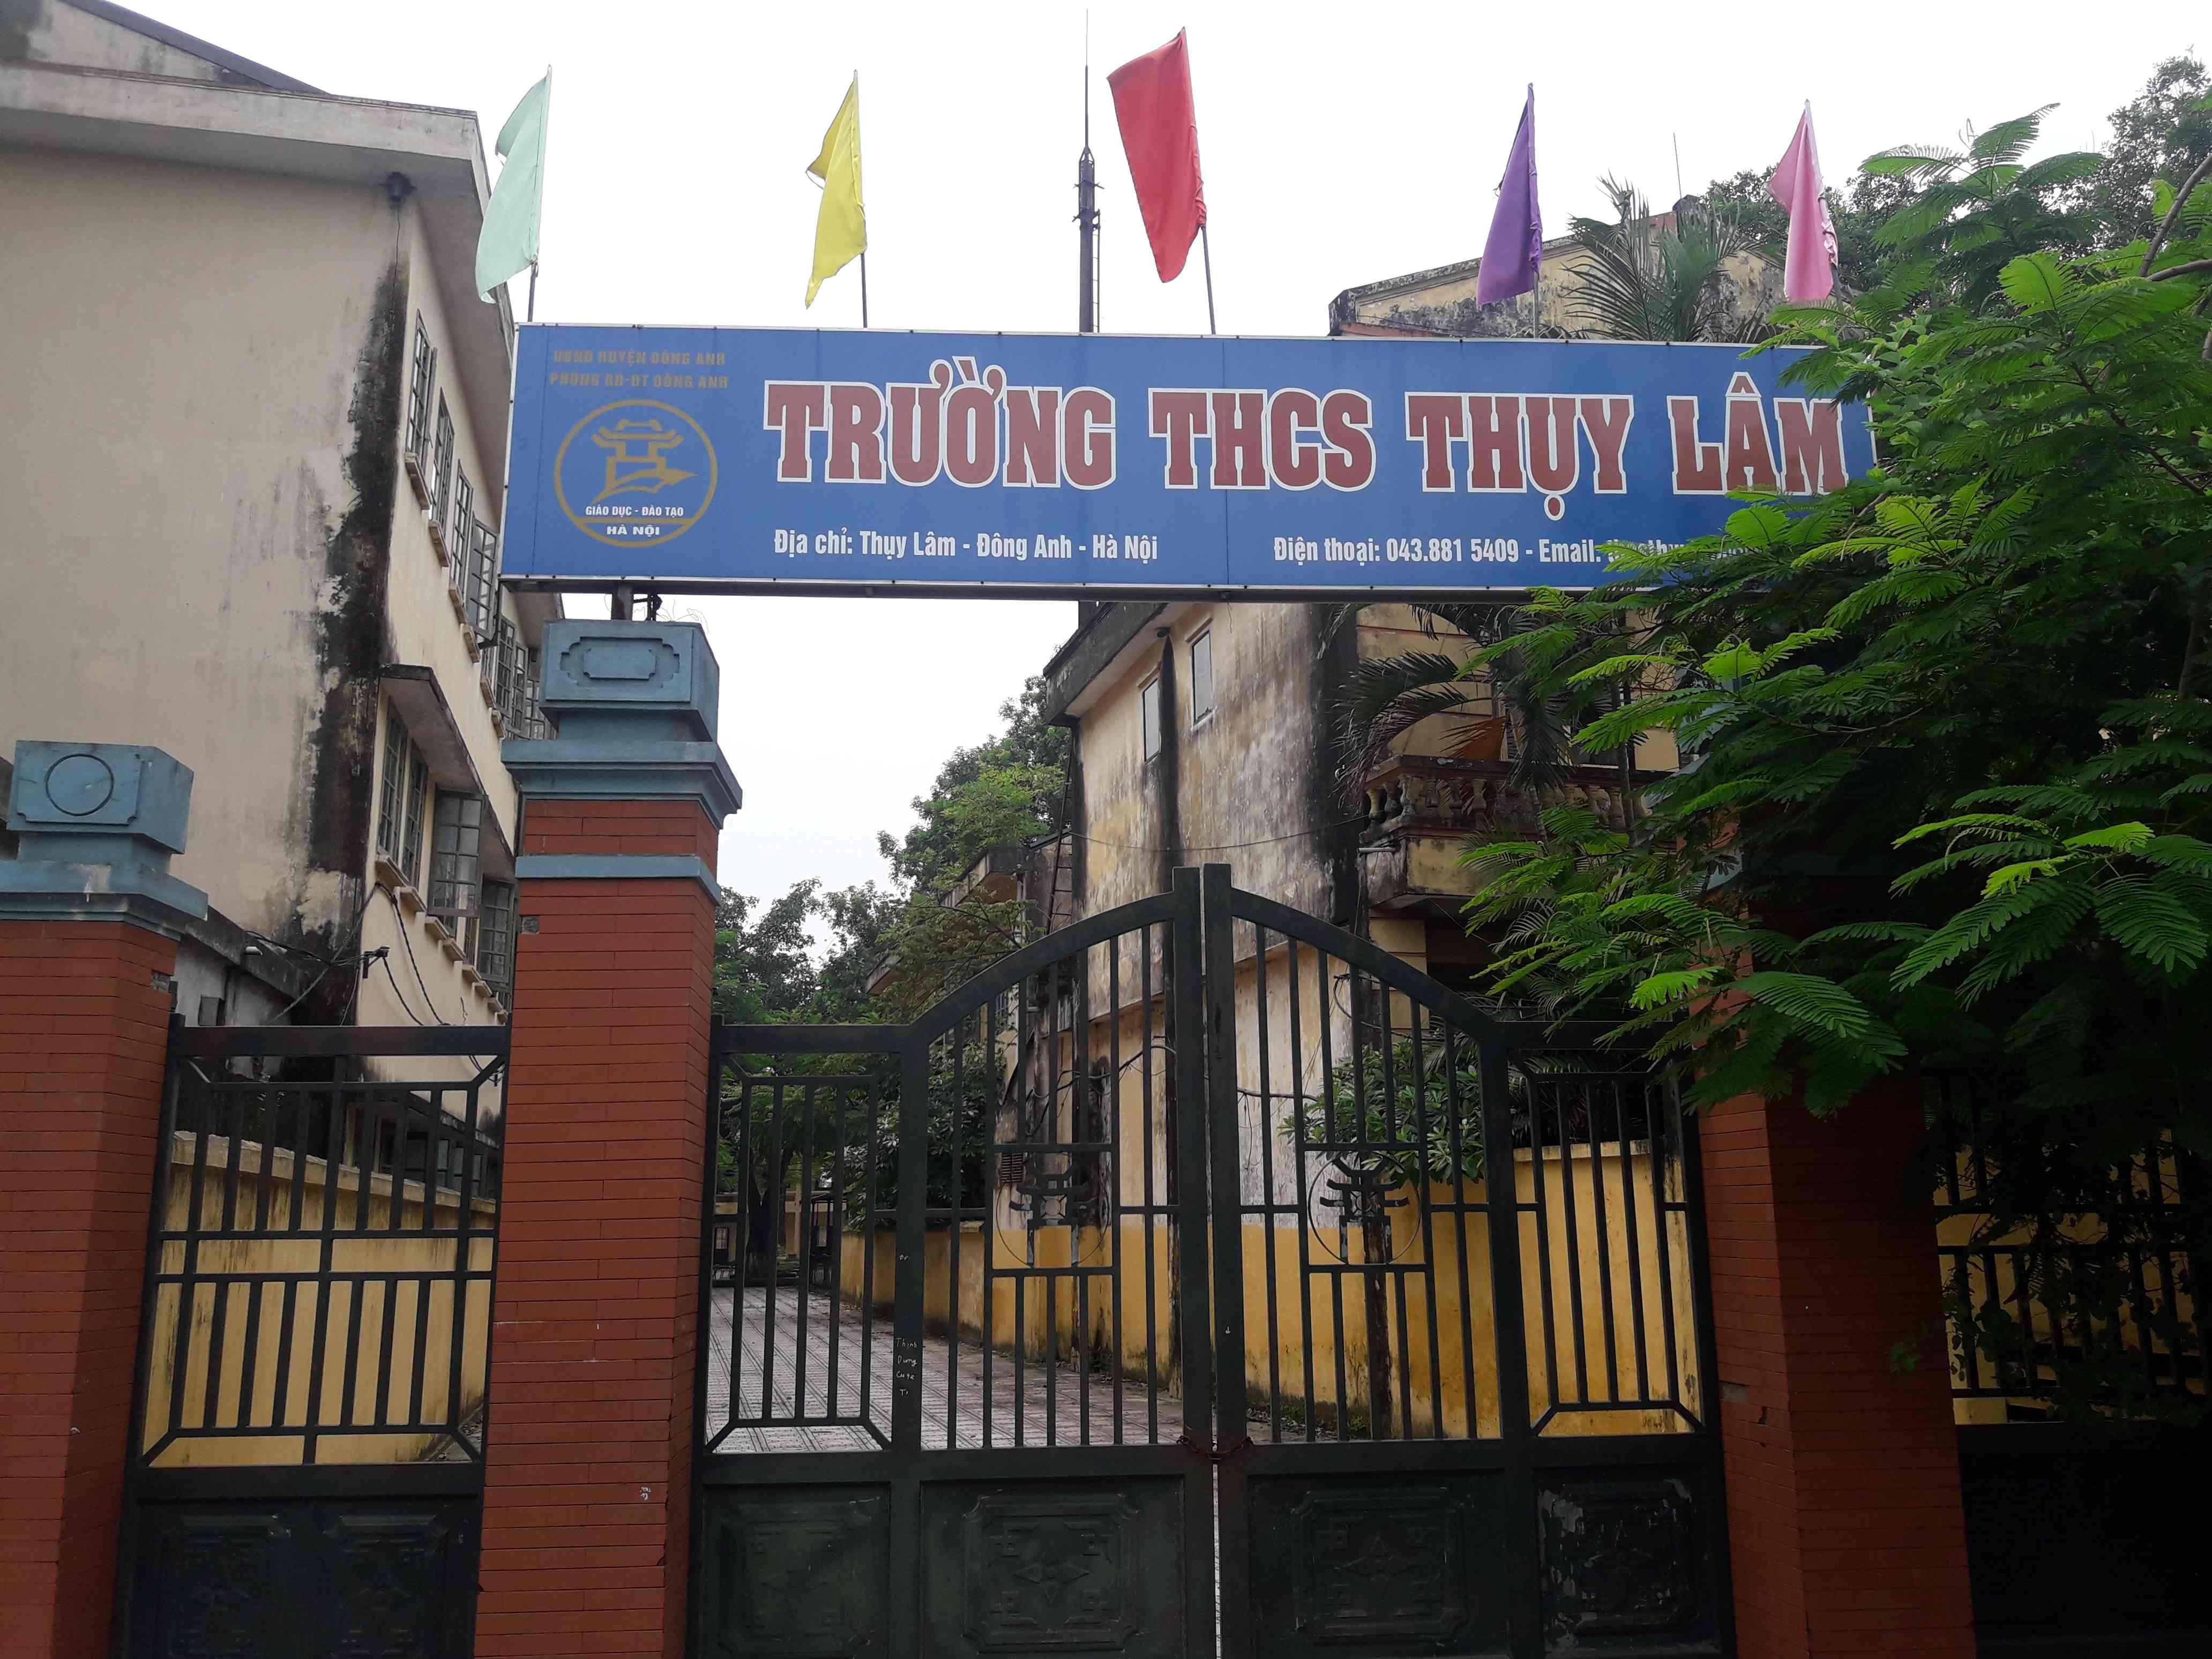 Đông Anh (Hà Nội): Cần sớm xử lý các sai phạm tại Trường THCS Thụy Lâm